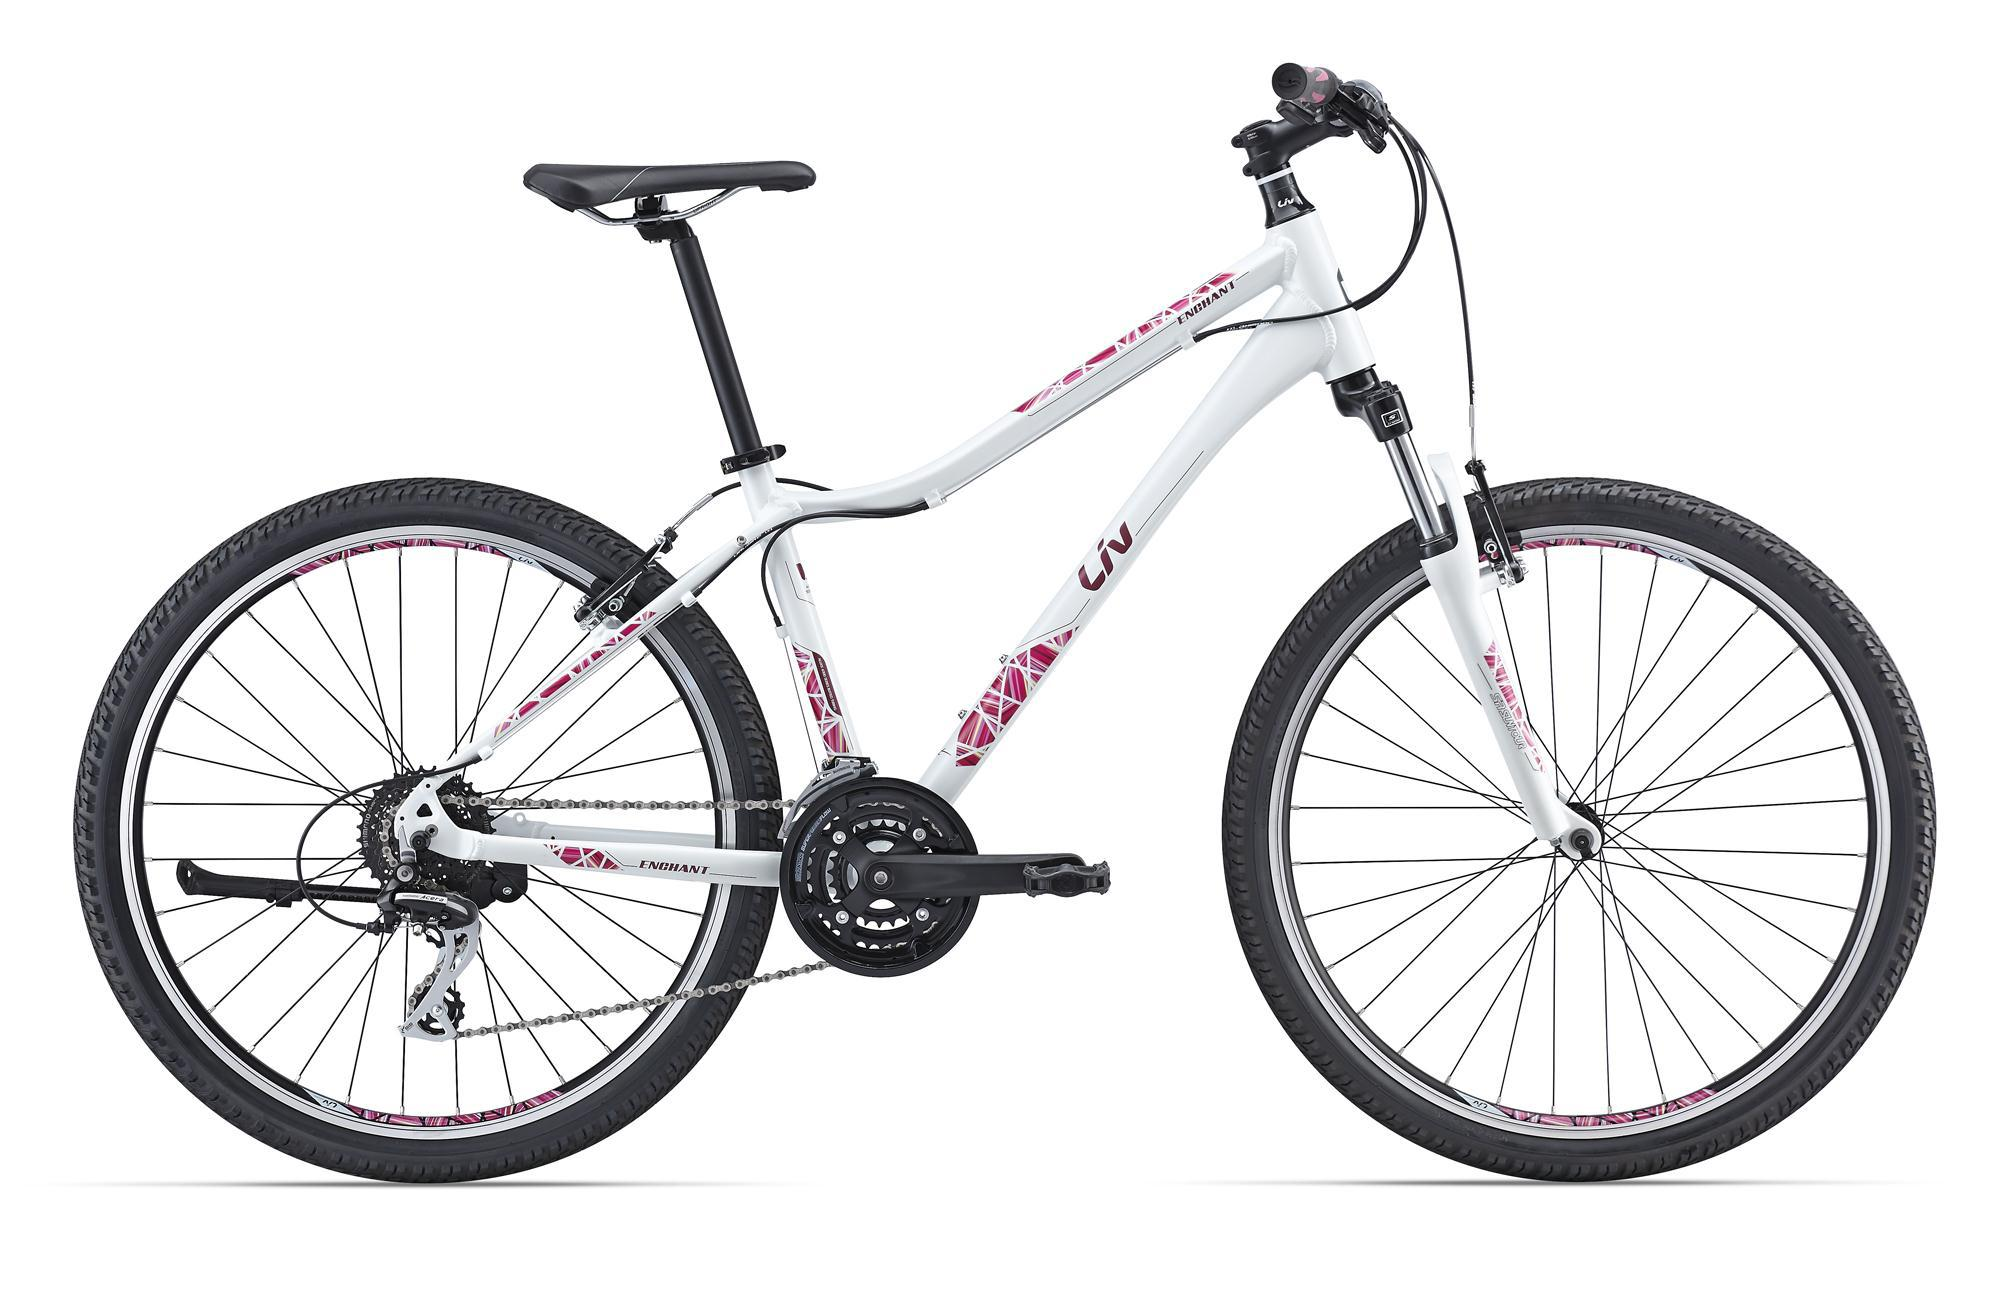 Giant Enchant 1 (2016)Горные<br>Женский велосипед – это всегда так сложно, потому что хорошую работу всех компонентов нужно совместить с удобством и красивым внешним видом. И у Giant это отлично получается – модель Enchant 1 со специальной женской геометрией Liv получилась универсальной, комфортной в любых условиях и очень стильной.<br>Этот велосипед будет отлично вести себя на бездорожье благодаря амортизационной вилке с блокировкой, на нем легко проезжается местность с любым рельефом, поскольку он оснащен 24-скоростной трансмиссией, прочные двойные обода простят жесткие заезды на препятствия, а в городе он способен подарить хозяйке море приятных мгновений – его внедорожная сущность отлично сочетается с накатом и резвостью. Не верите? Попробуйте сами!<br>